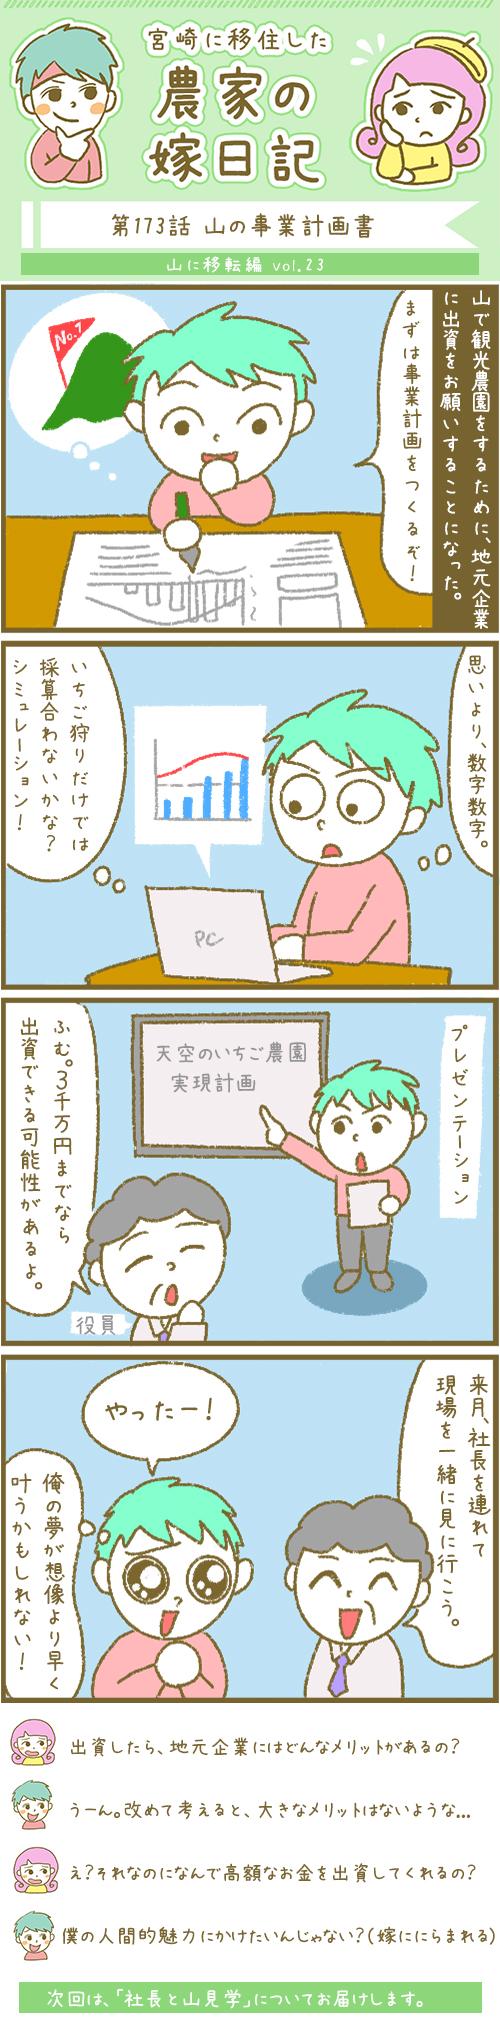 漫画第173話